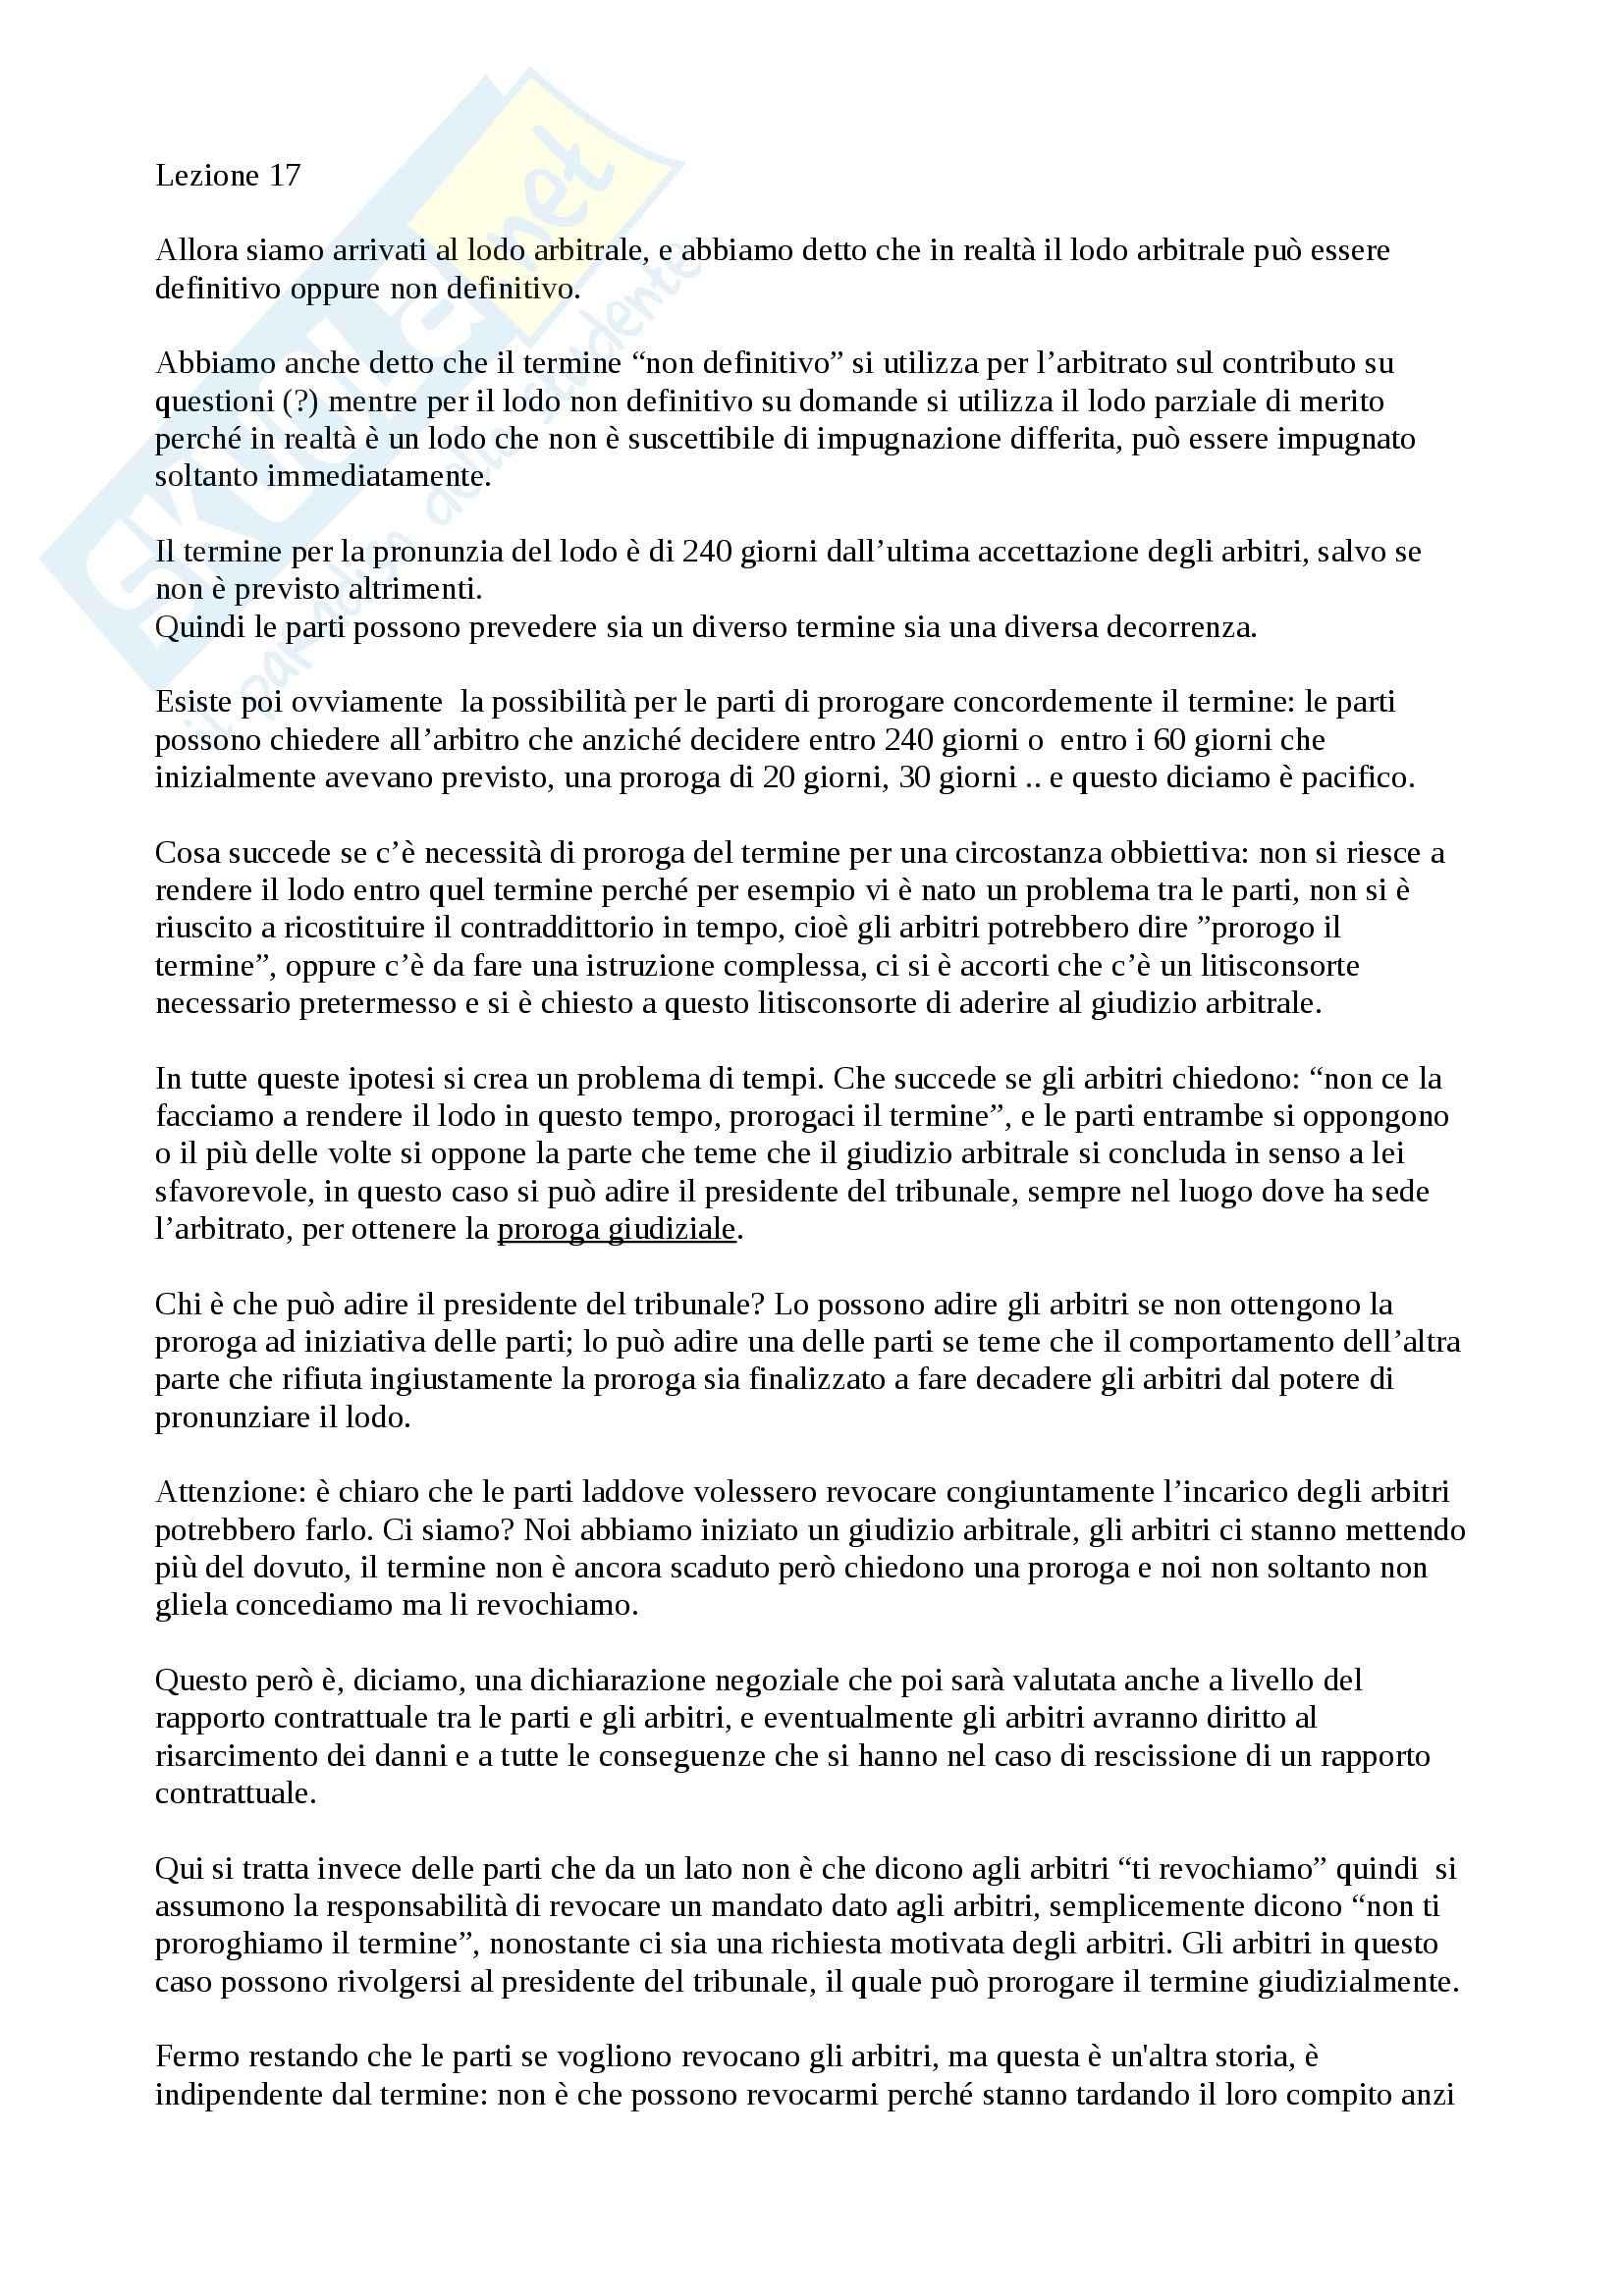 Lezione 17, Procedura civile